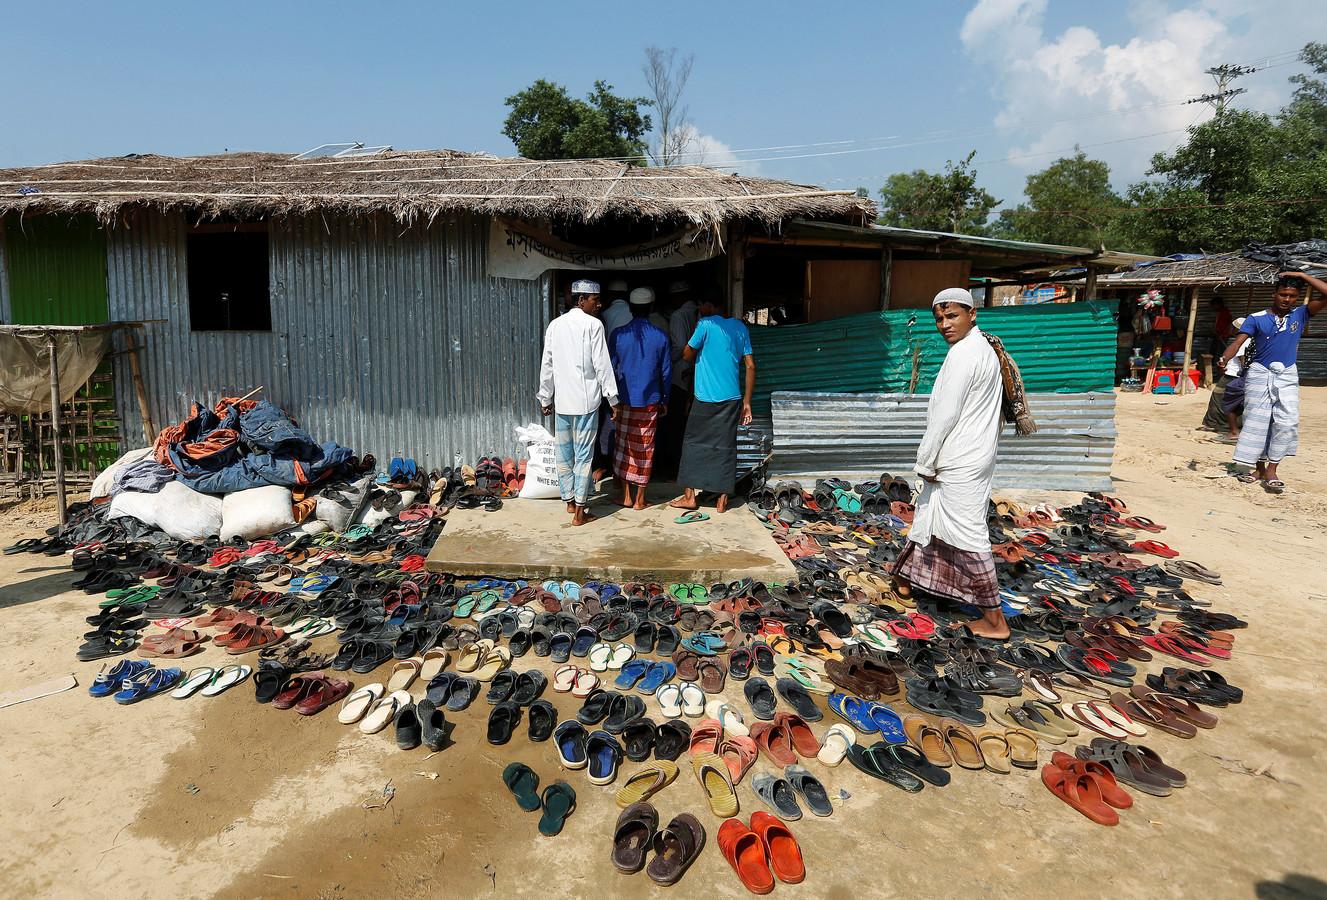 Rohingya vluchtelingen uit Myanmar maken zich op voor het vrijdaggebed in  Balu Khali een opvangkamp in Bangladesh. Foto: Adnan Abidi